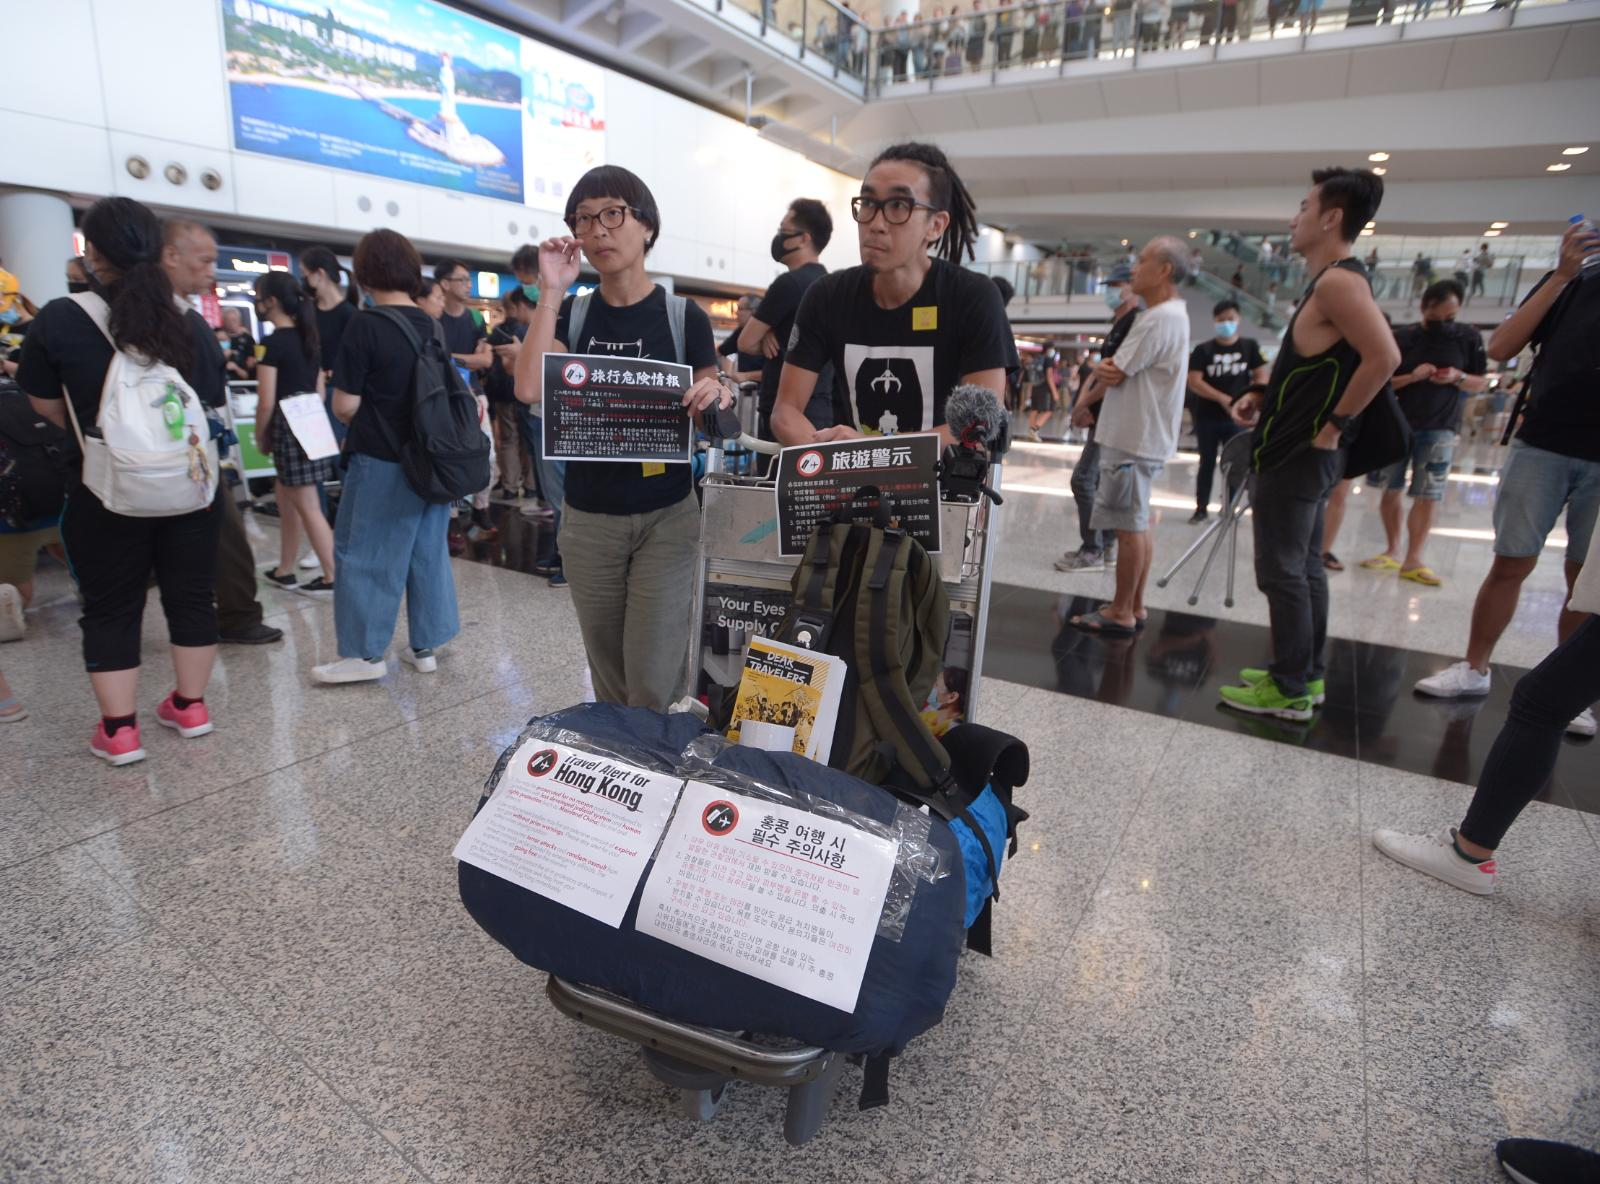 現場備有以不同語言印成的傳單,向旅客派發。